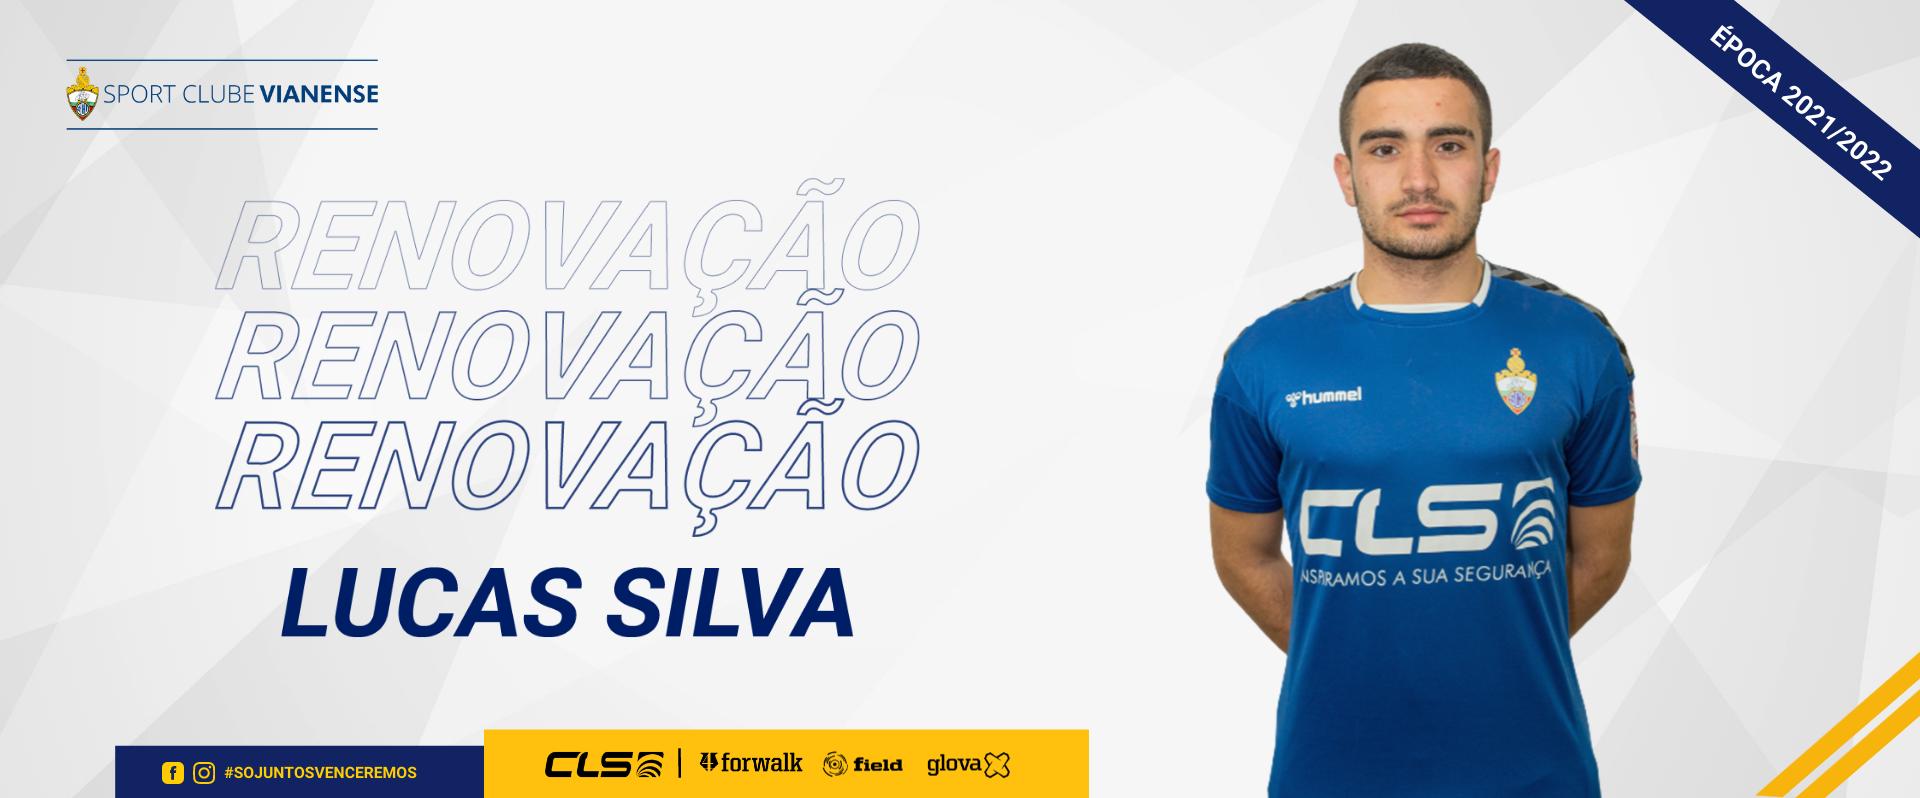 Lucas Silva vai continuar no Vianense